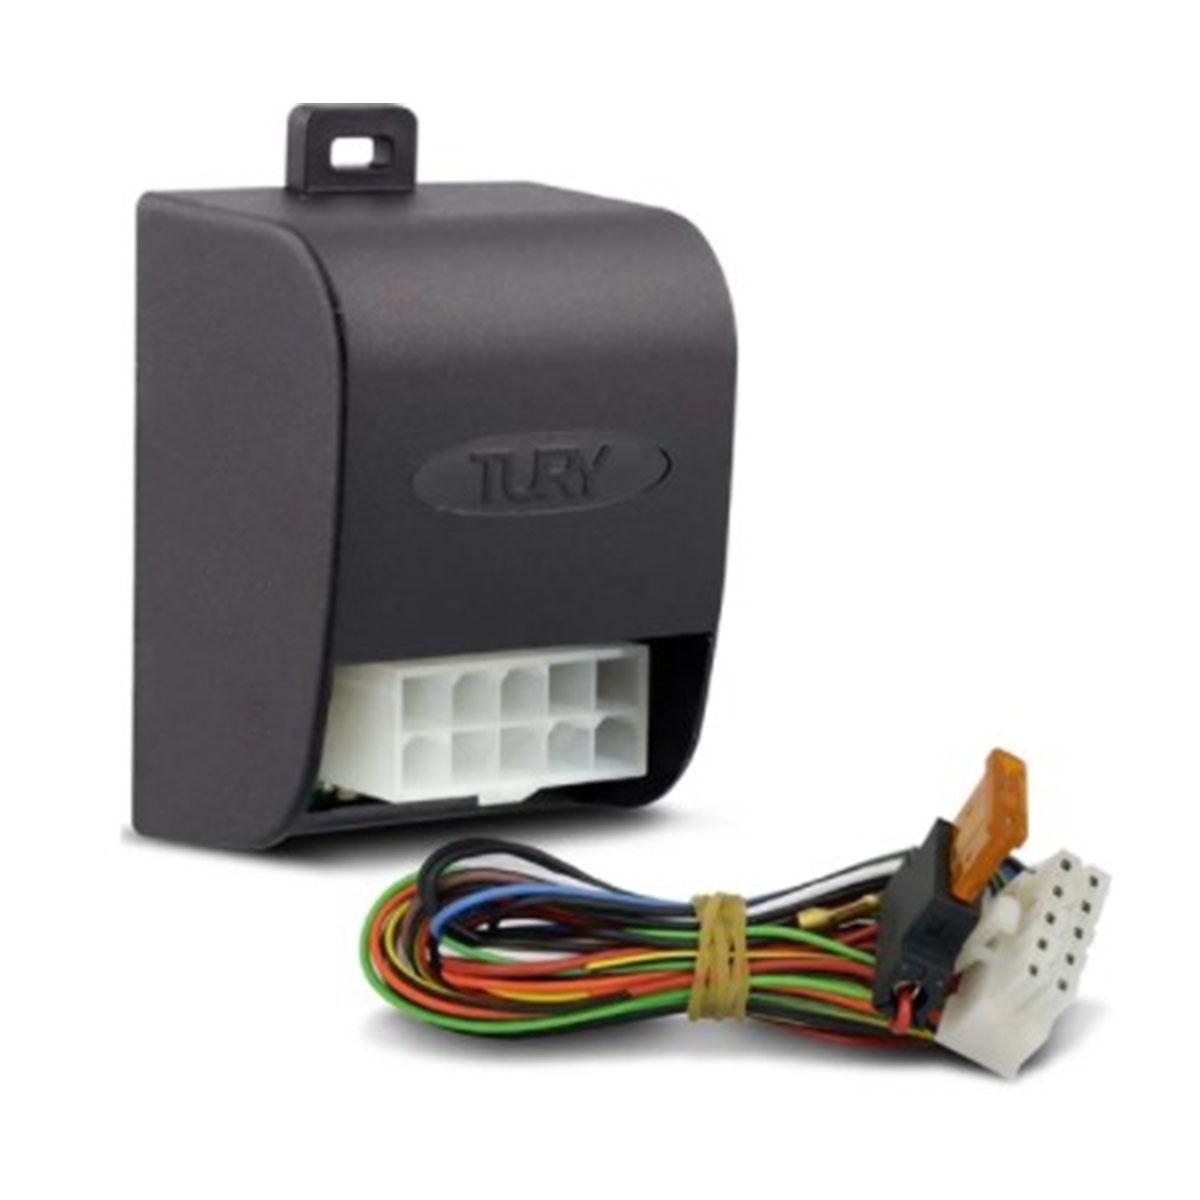 Módulo Speed Lock Universal Travamento Automático Alarme inclinômetro Tury LOCK2.0